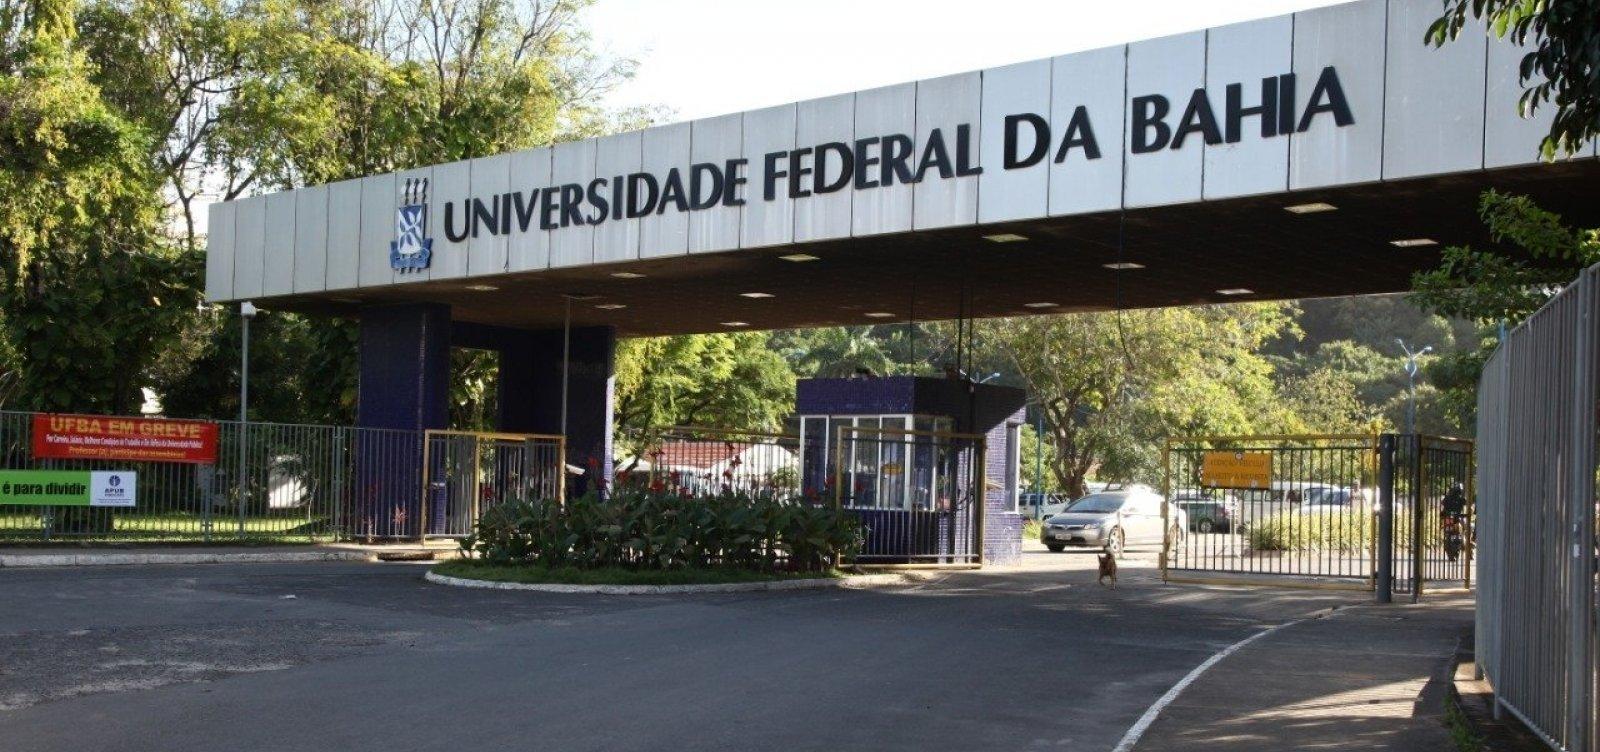 Universidades da Bahia abrem matrículas para selecionados no Sisu; confira prazos